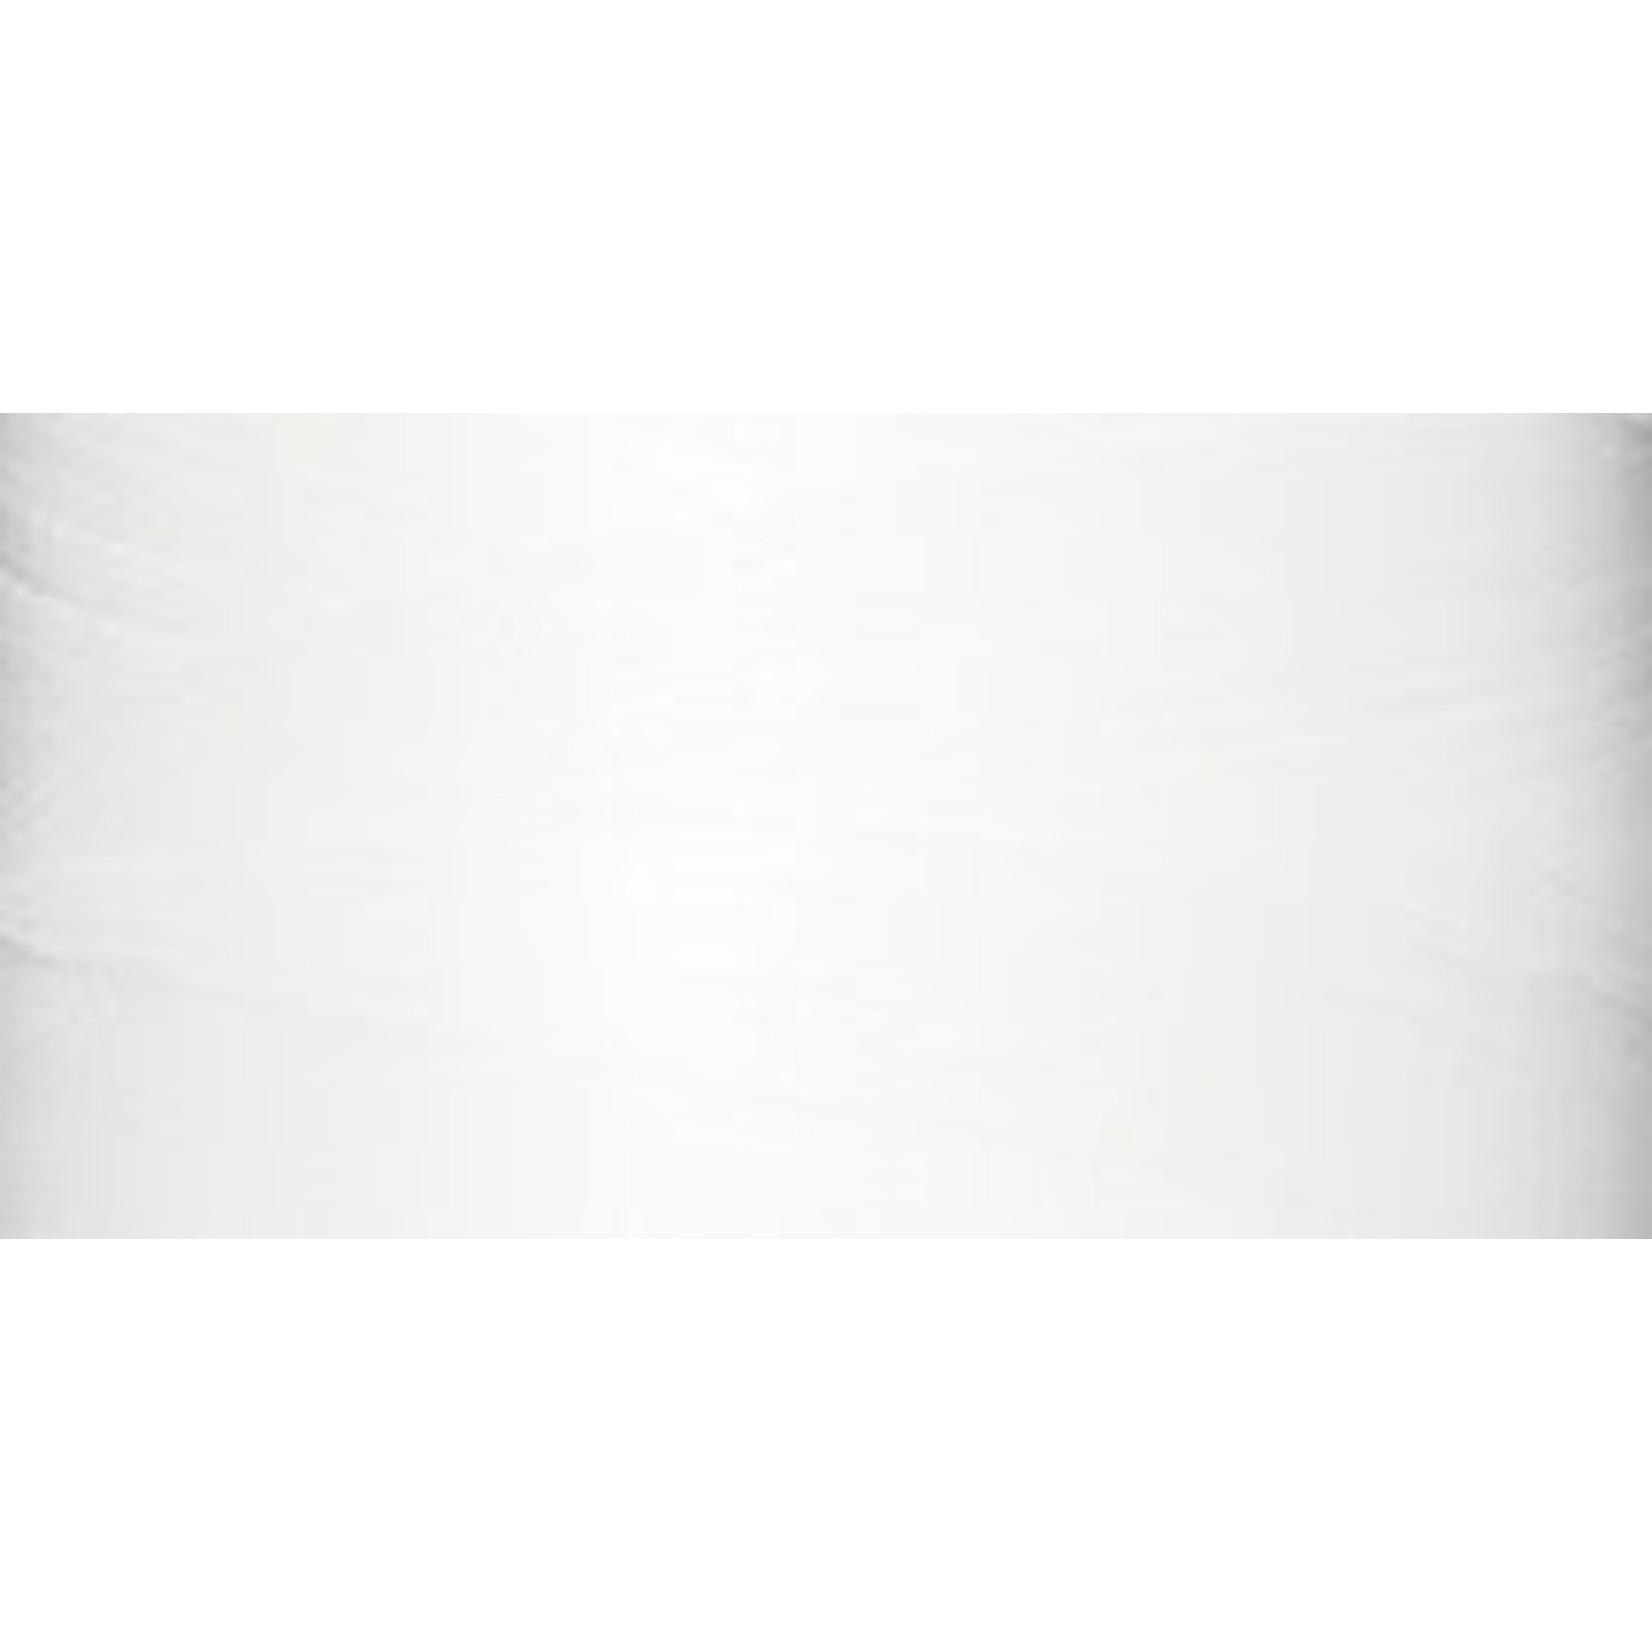 Superior Threads Bottom Line - #60 - 1300 m - 624 Natural White